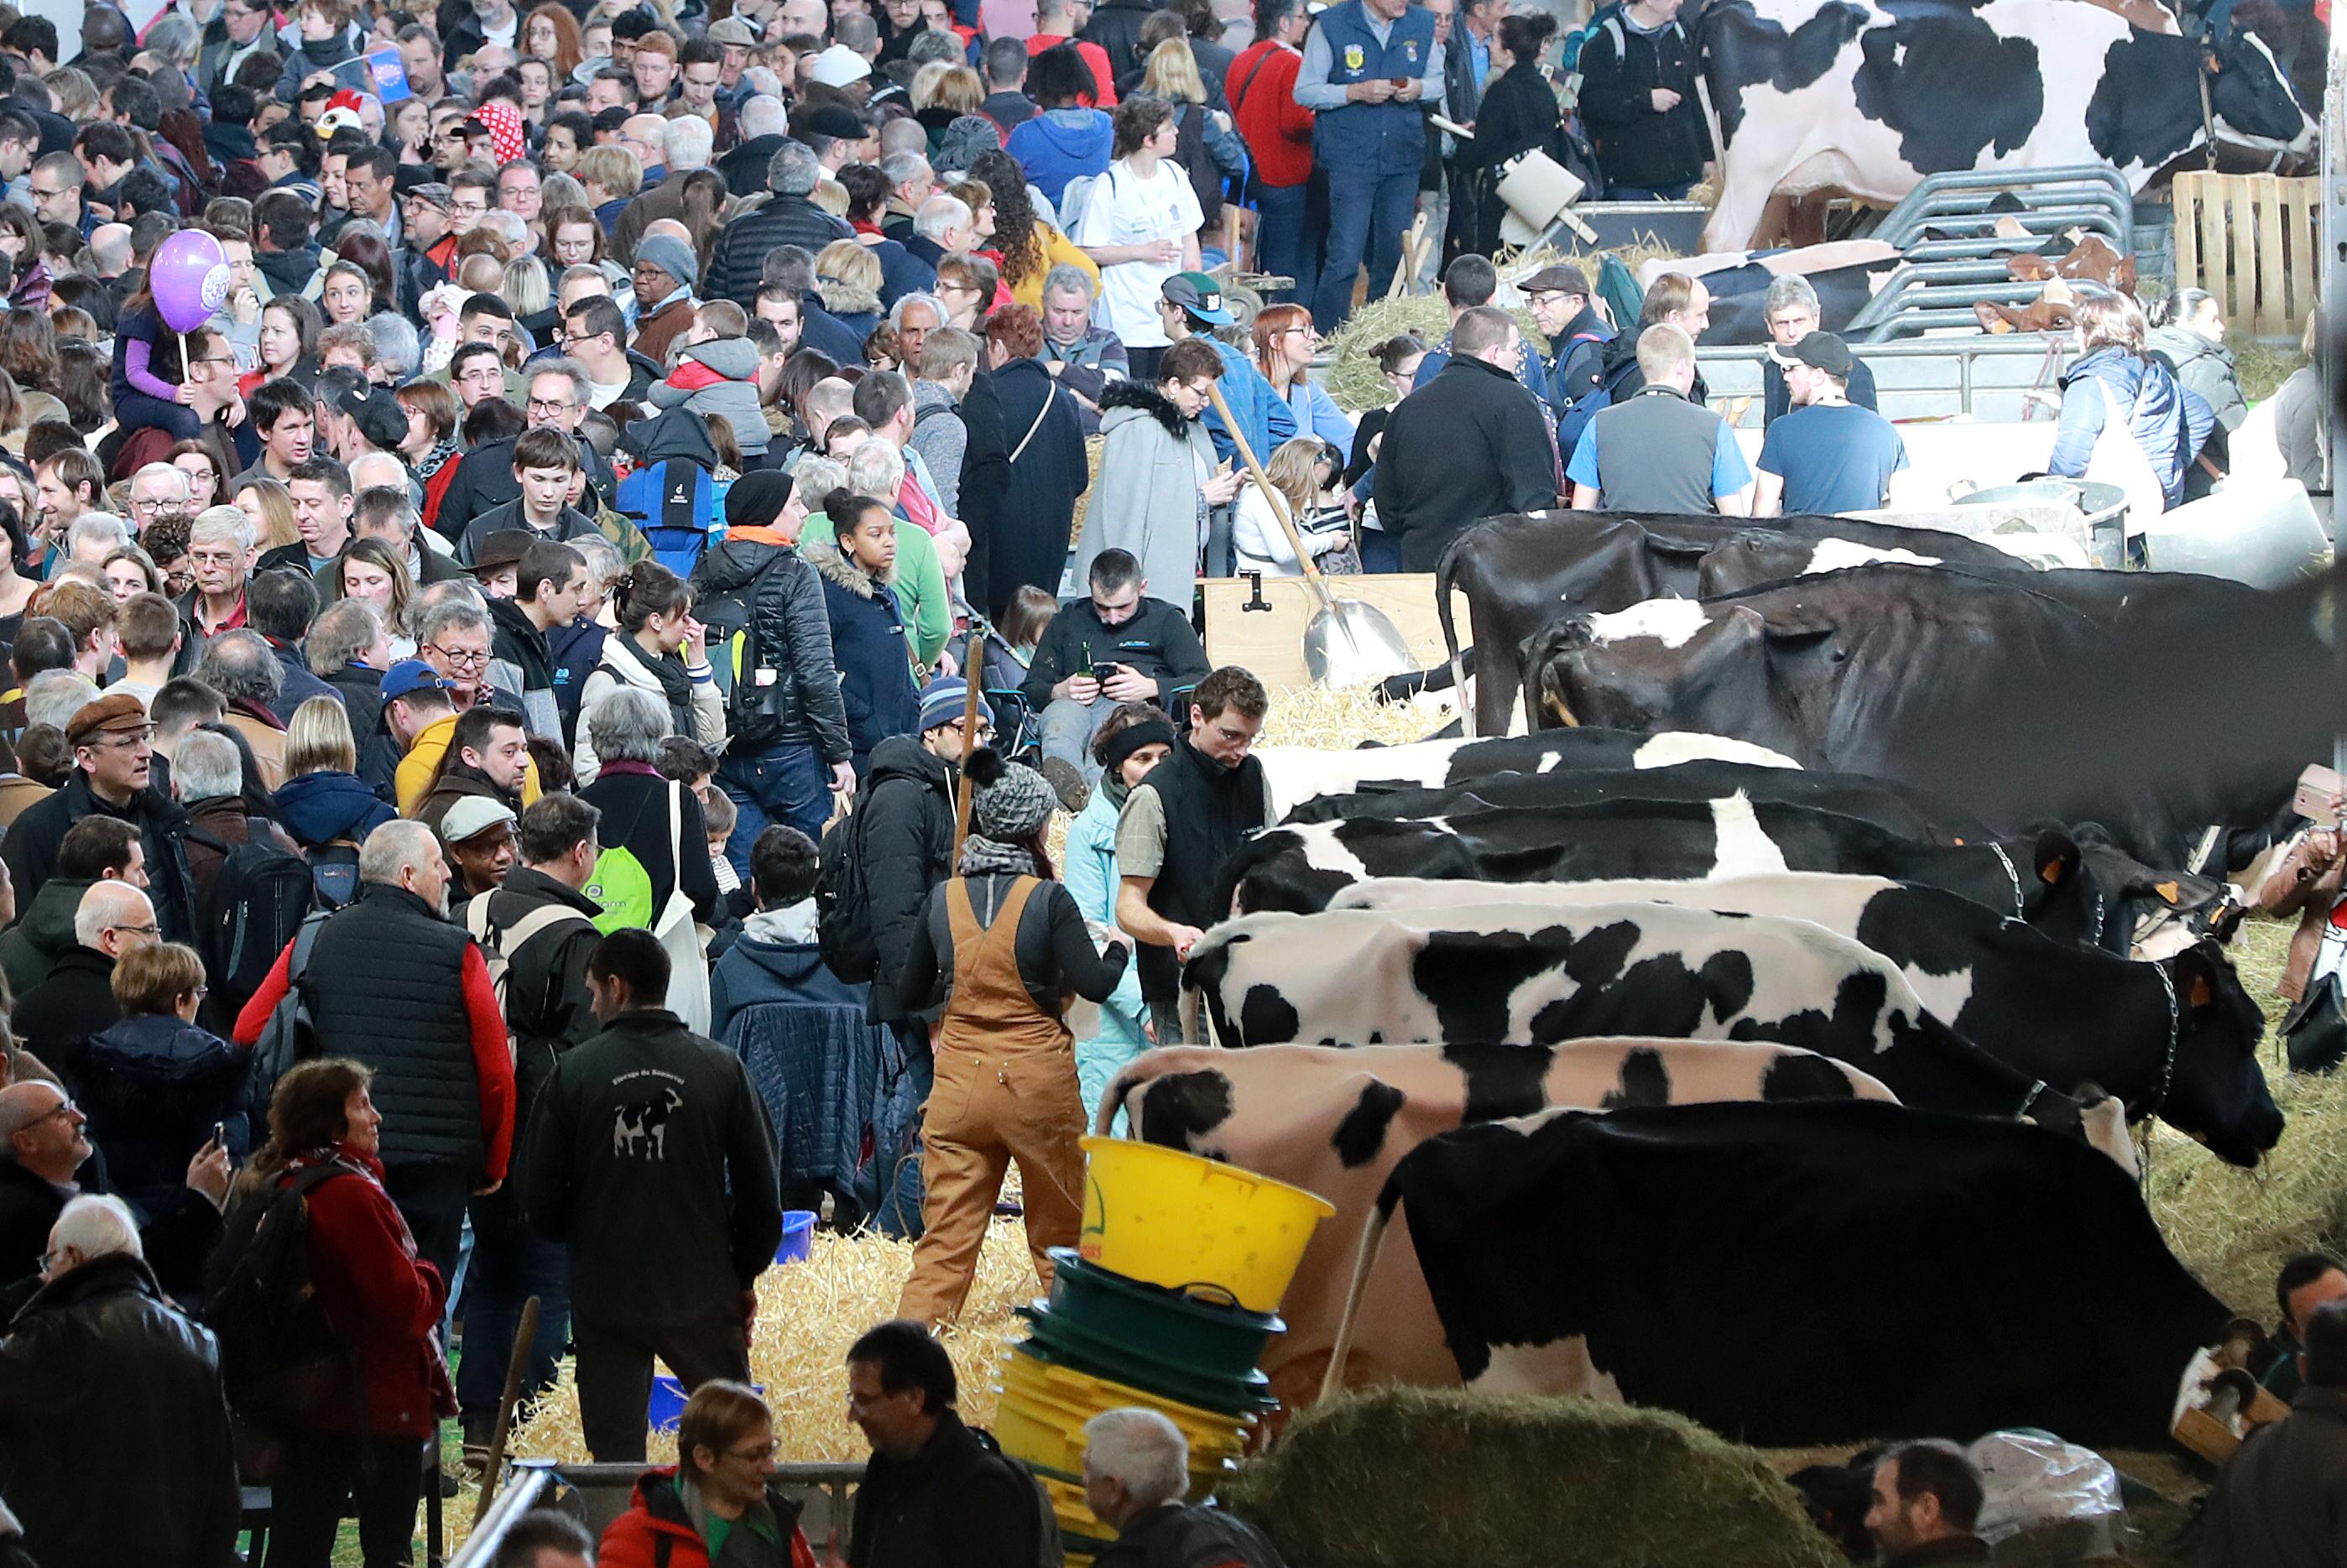 A franciák betiltják az ötezer embernél több embert megmozgató zárttéri rendezvényeket